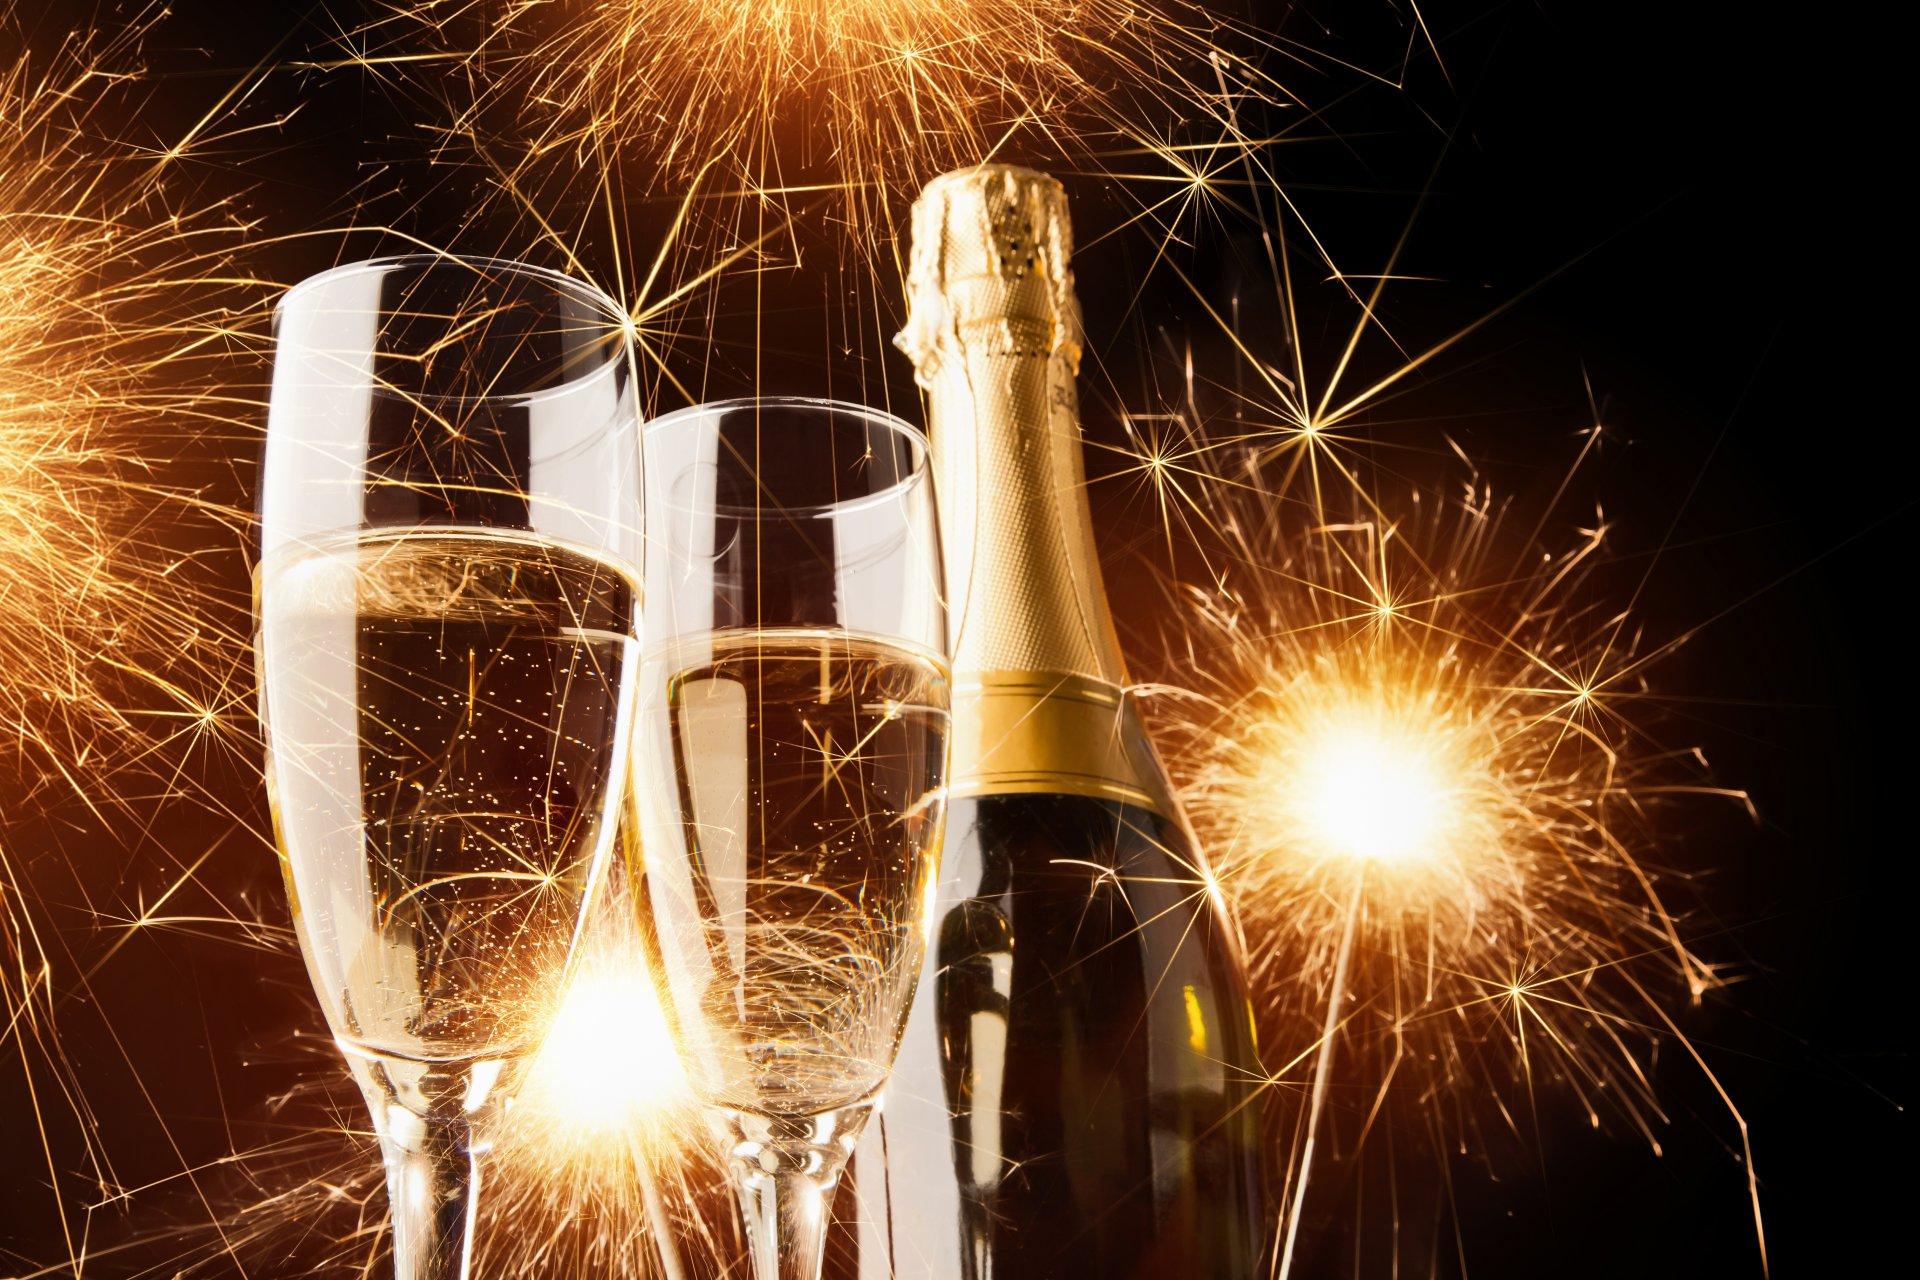 Открытки с шампанским и салютом, для поздравления